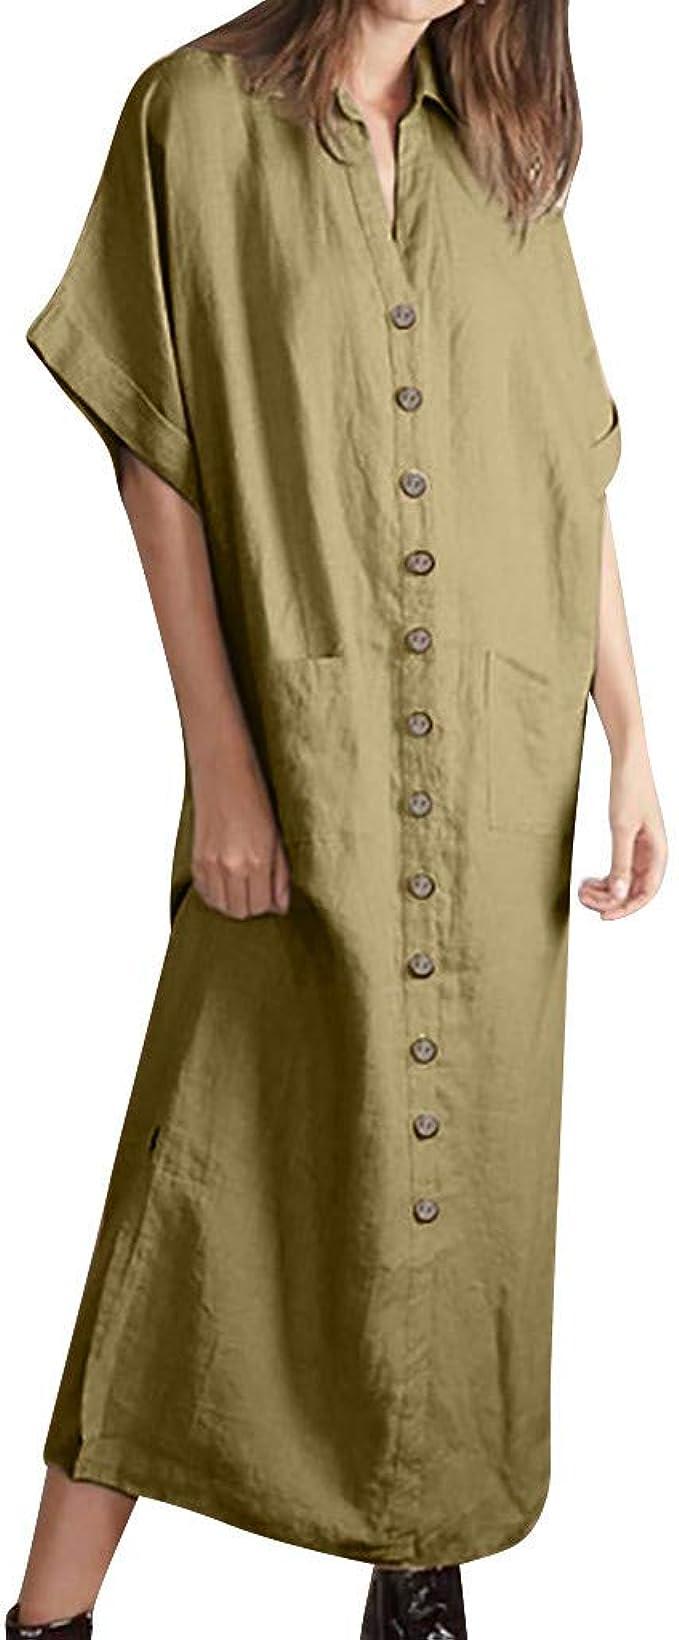 Vestidos de Mujer Casual Cortos, LEvifun Vestidos de Verano Mujer 2019 Vestido de Playa Vestido de Algodón Lino botón Faldas Cortas Vestido de Bolsillo Vestido Color ...